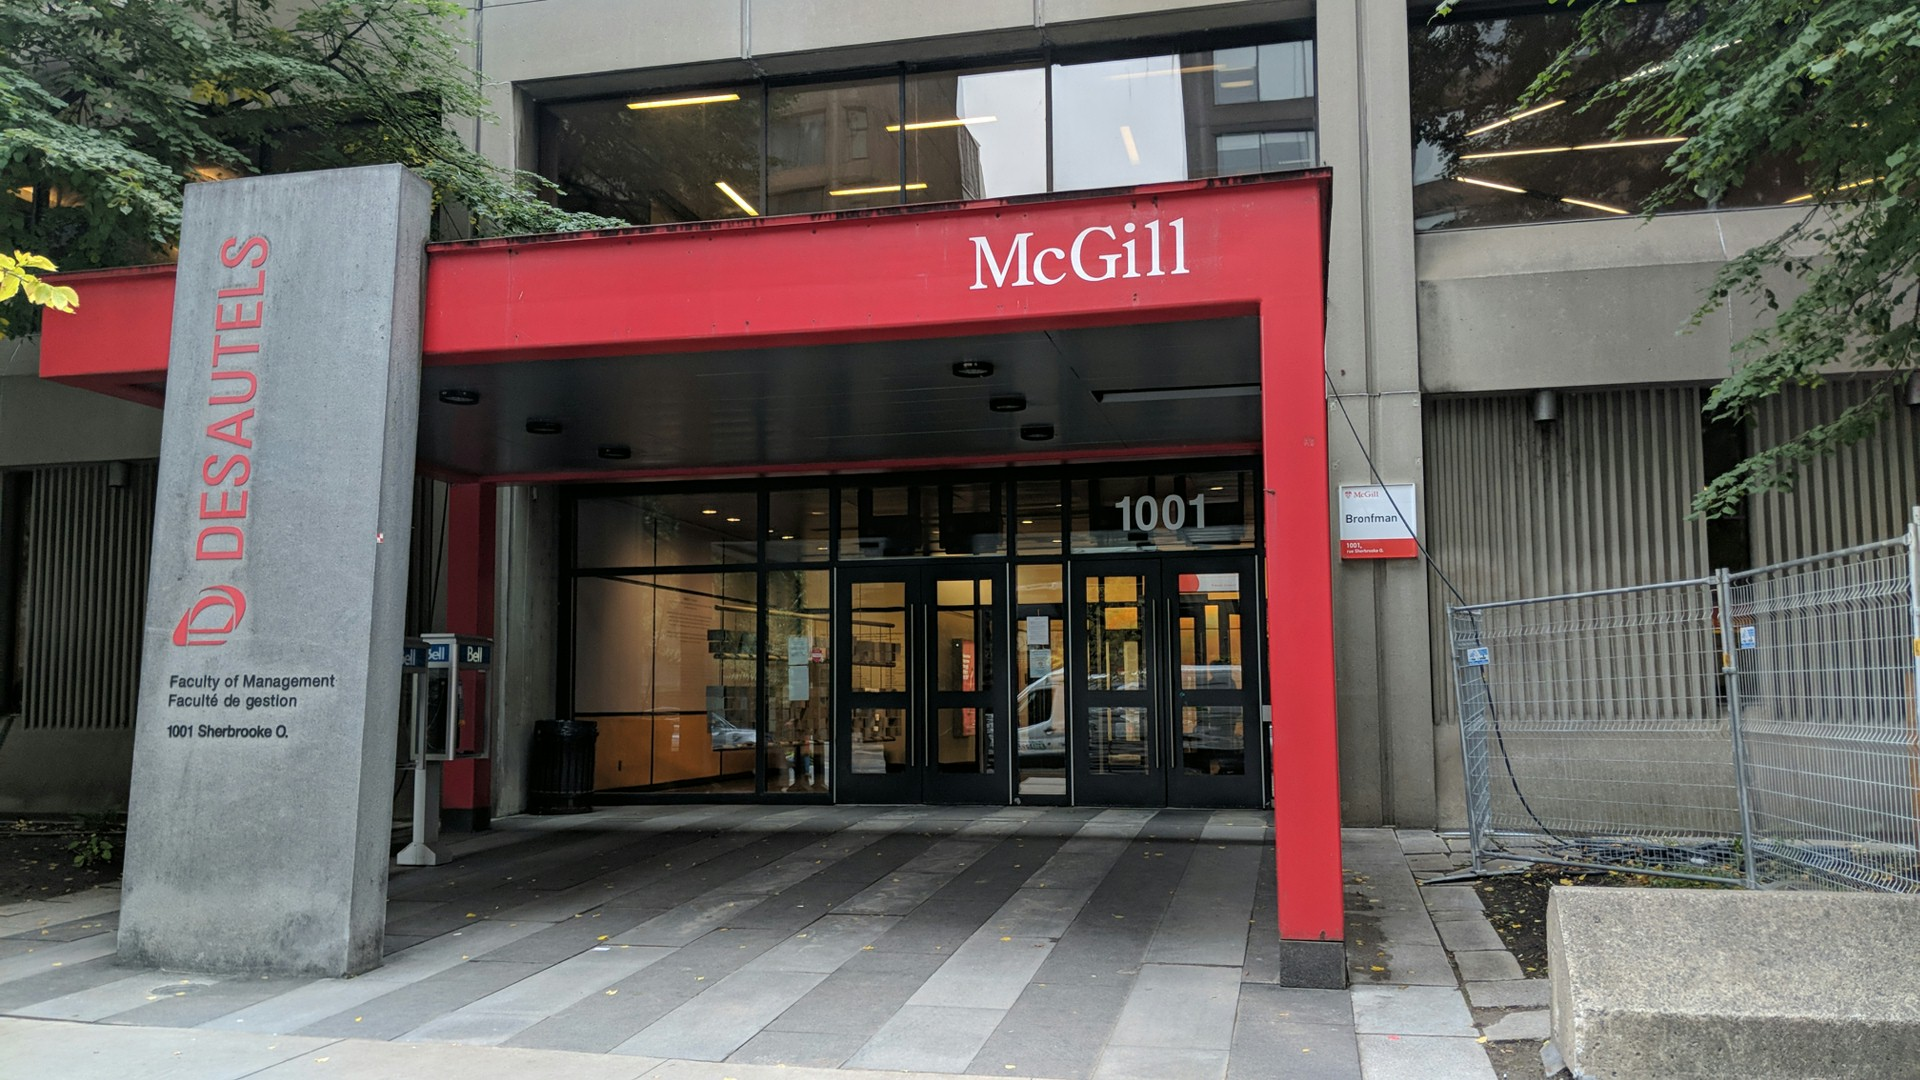 Desautels School of Management – McGill University - business schools in Canada